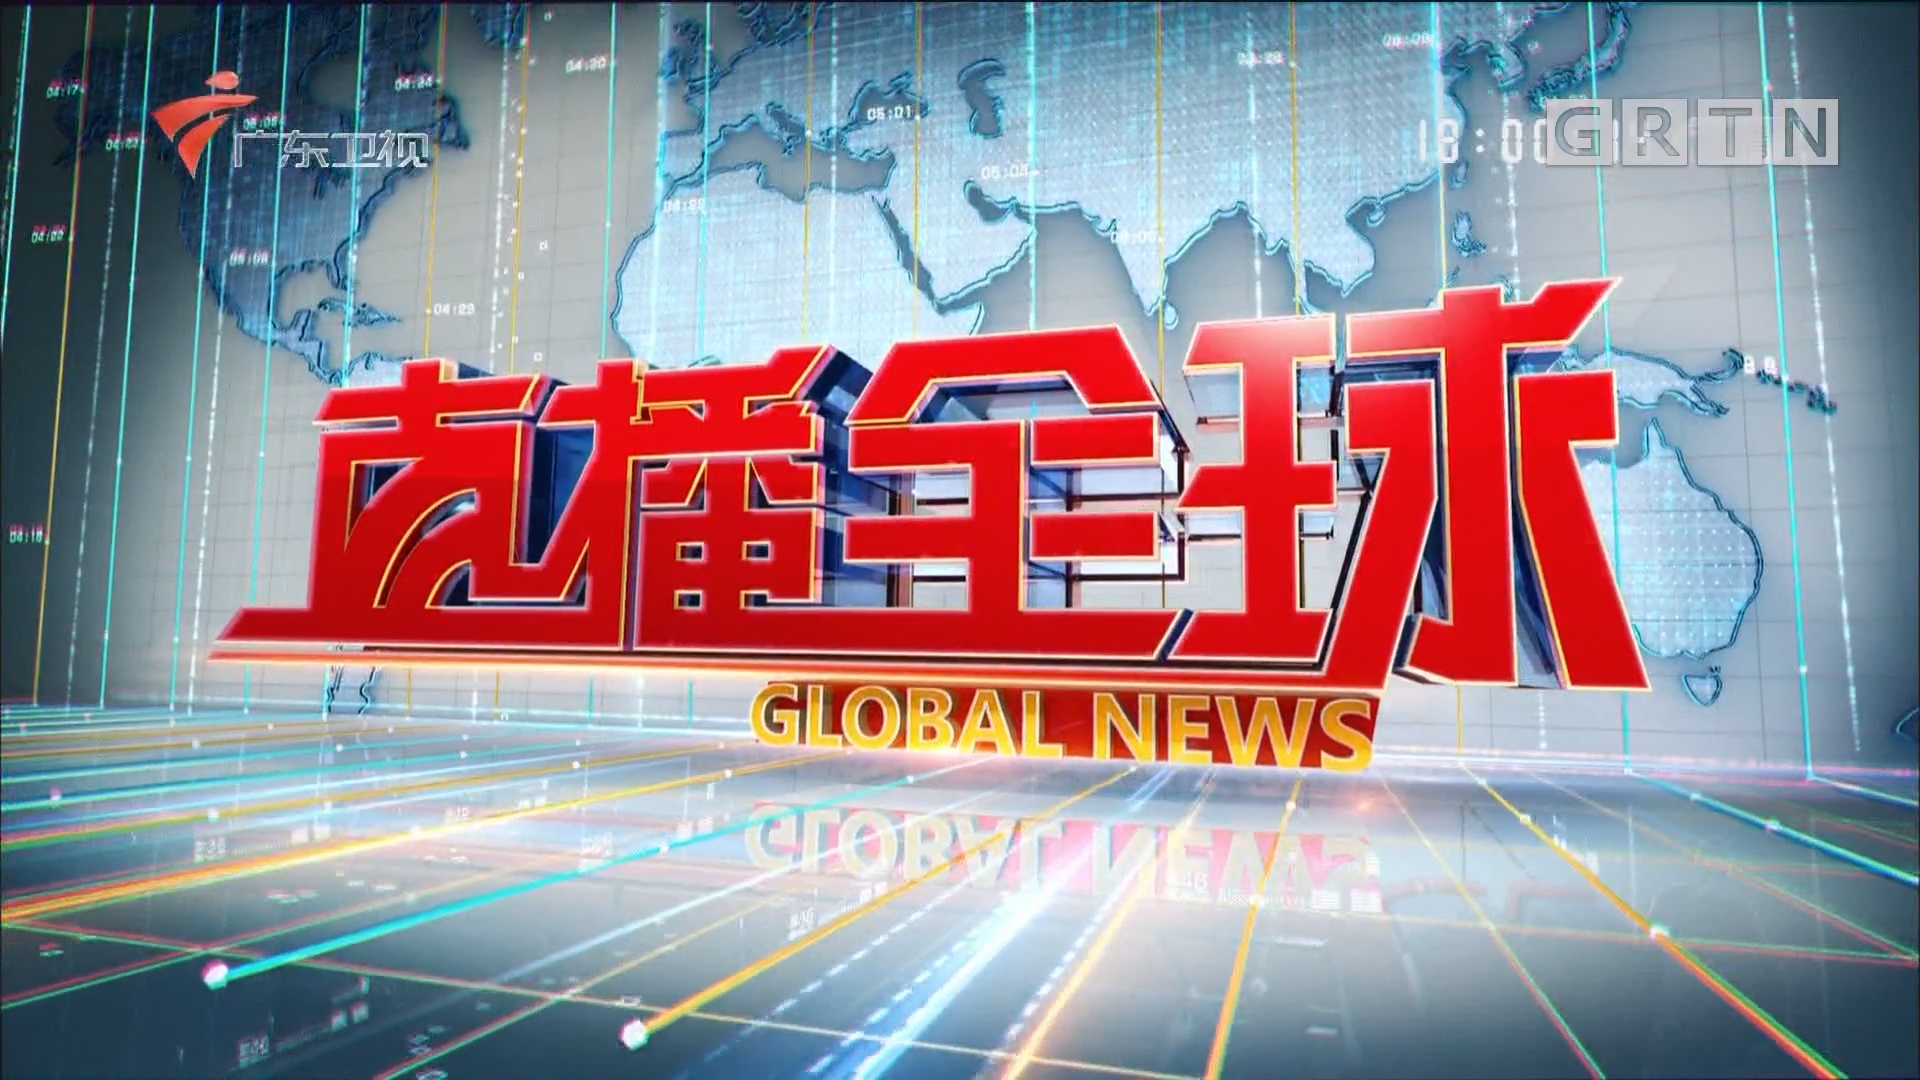 [HD][2019-01-03]直播全球:《告台湾同胞书》发表40周年:习近平重要讲话引发热烈反响